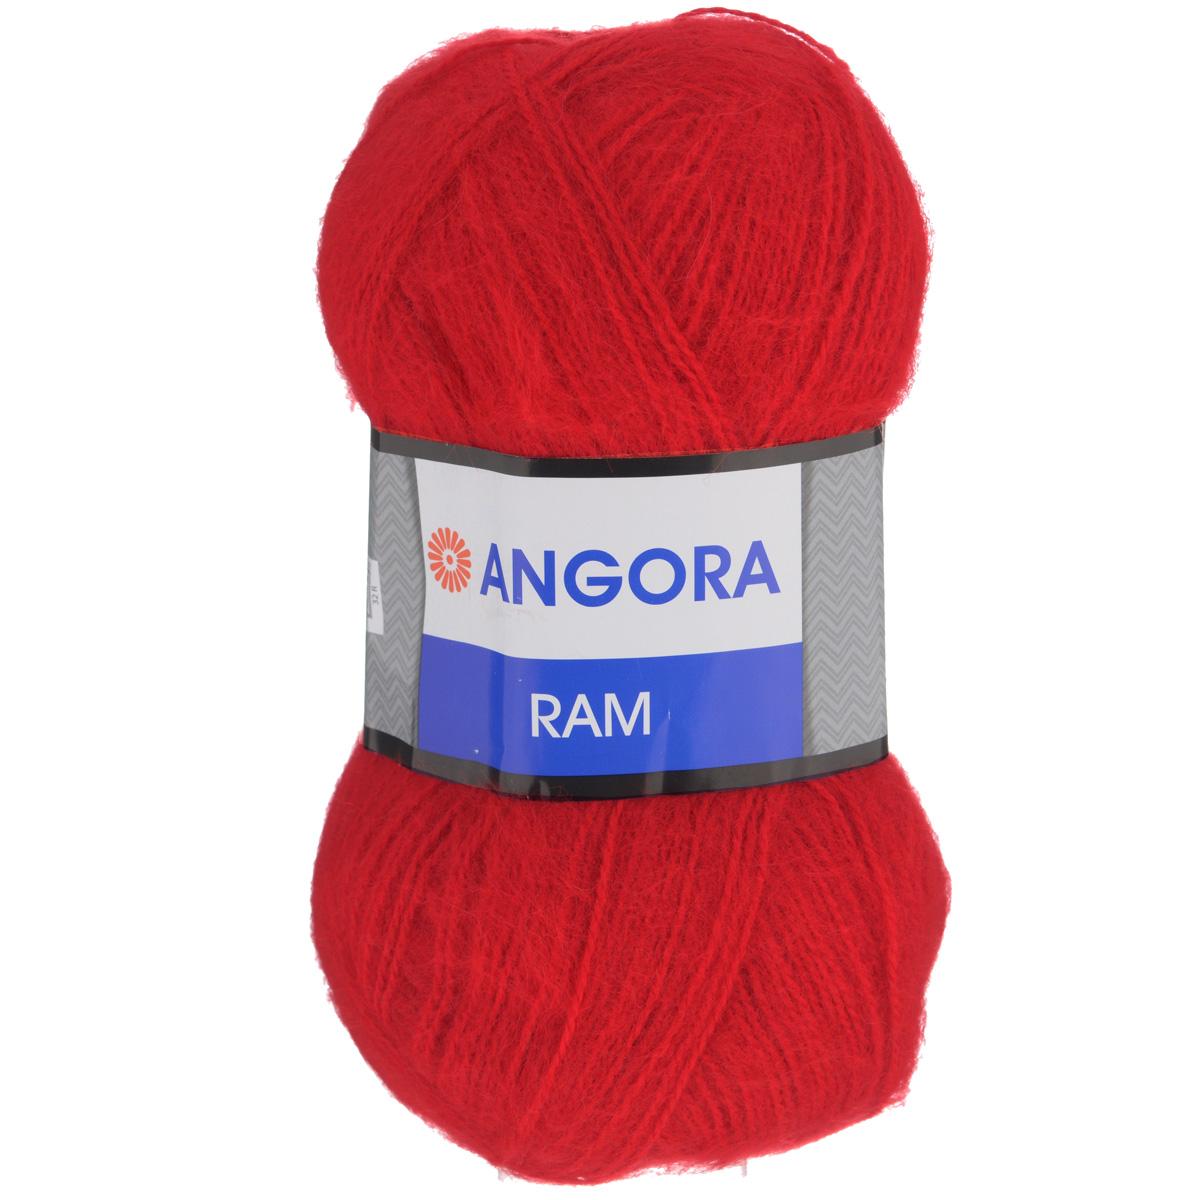 Пряжа для вязания YarnArt Angora Ram, цвет: алый (156), 500 м, 100 г, 5 шт372037_156Пряжа для вязания YarnArt Angora Ram изготовлена из натурального мохера с добавлением акрила. Пряжа из такого материала обладает повышенной прочностью и эластичностью, а изделия получаются теплые и уютные. Скрутка нити плотная, равномерная, не расслаивается, не путается, хорошо скользит по спицам, вяжется очень легко. Петли выглядят аккуратно, а натуральный мохер обеспечивает теплоту, легкость и превосходный внешний вид. Нить можно комбинировать с полушерстяными пряжами для смягчения рисунка, придания благородной пушистости фактуре нити, а также для улучшения тепловых характеристик. Благодаря содержанию синтетических волокон, изделия из YarnArt Angora Ram устойчивы к скатыванию, а благодаря своей мягкости такая пряжа подходит для детских вещей. Ажурные вещи сохраняют тепло не хуже плотного вязания, оставаясь легкими и объемными. Рекомендуемый размер спиц: №4. Примерный расход пряжи на джемпер: S - 400 г, M - 500 г, L - 600 г. Состав: 40%...